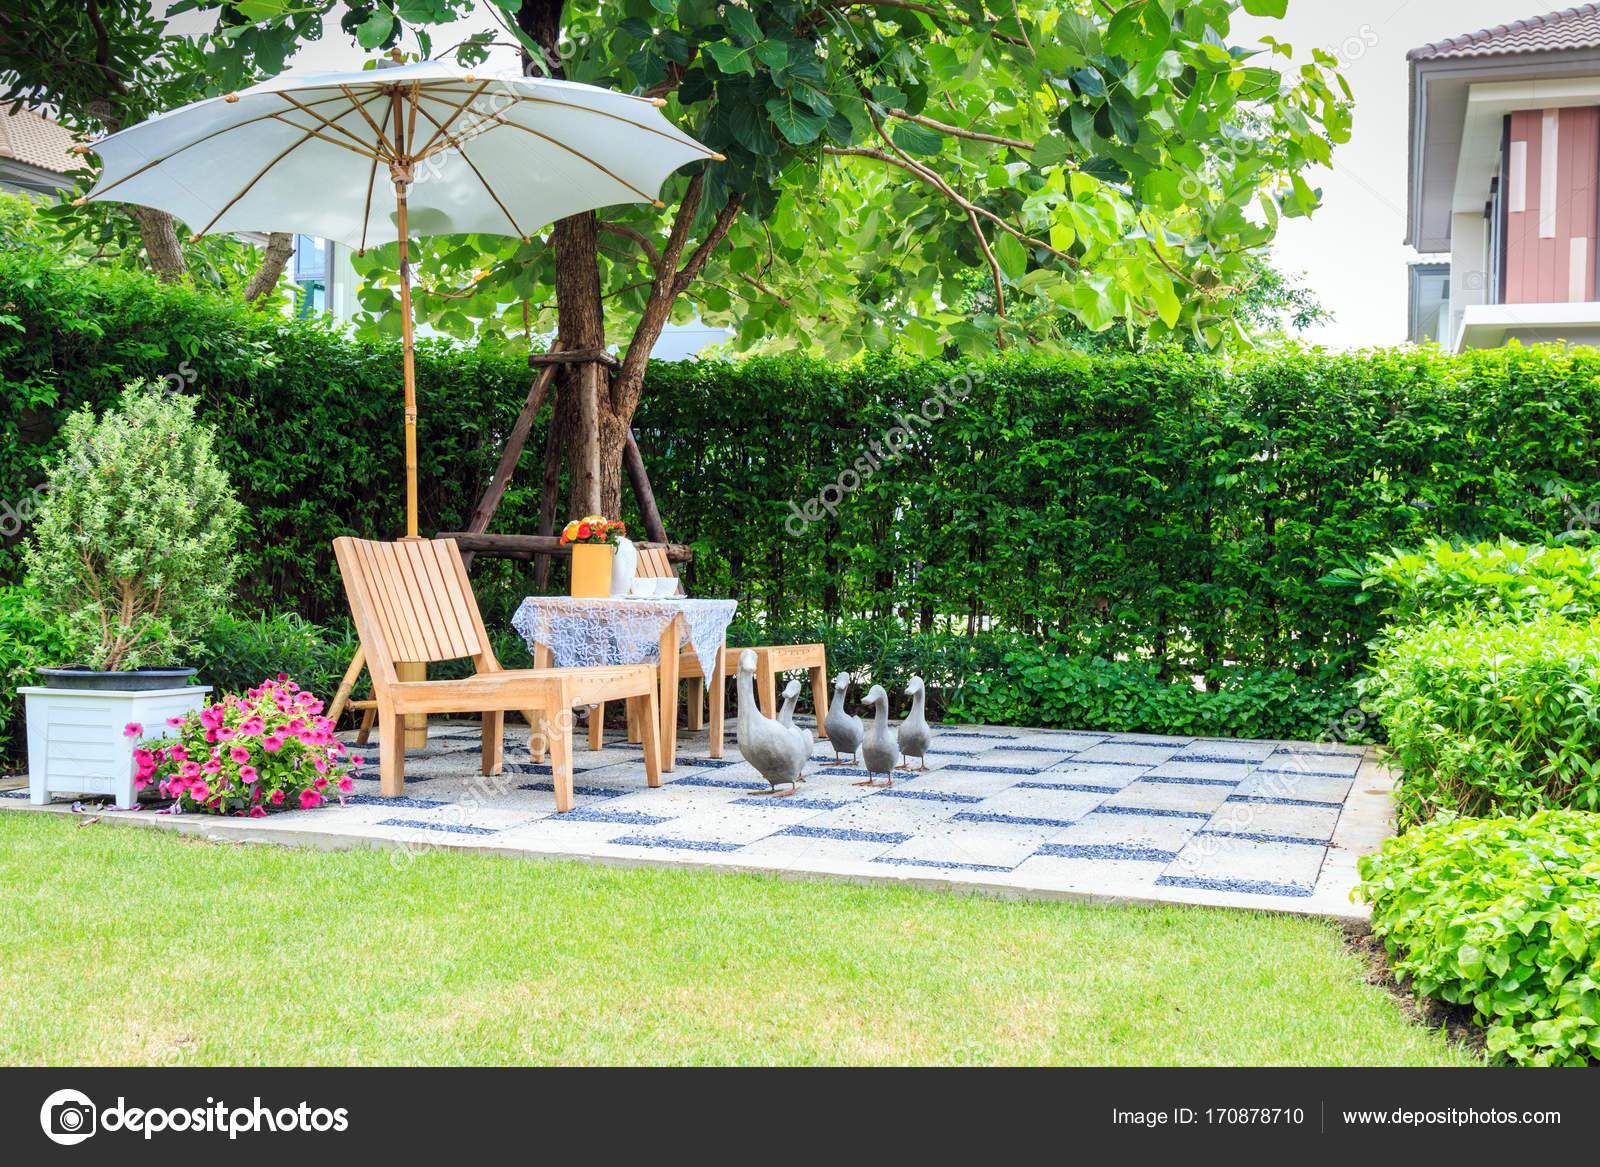 ensemble de thé sur un banc de pierre dans un jardin fleuri